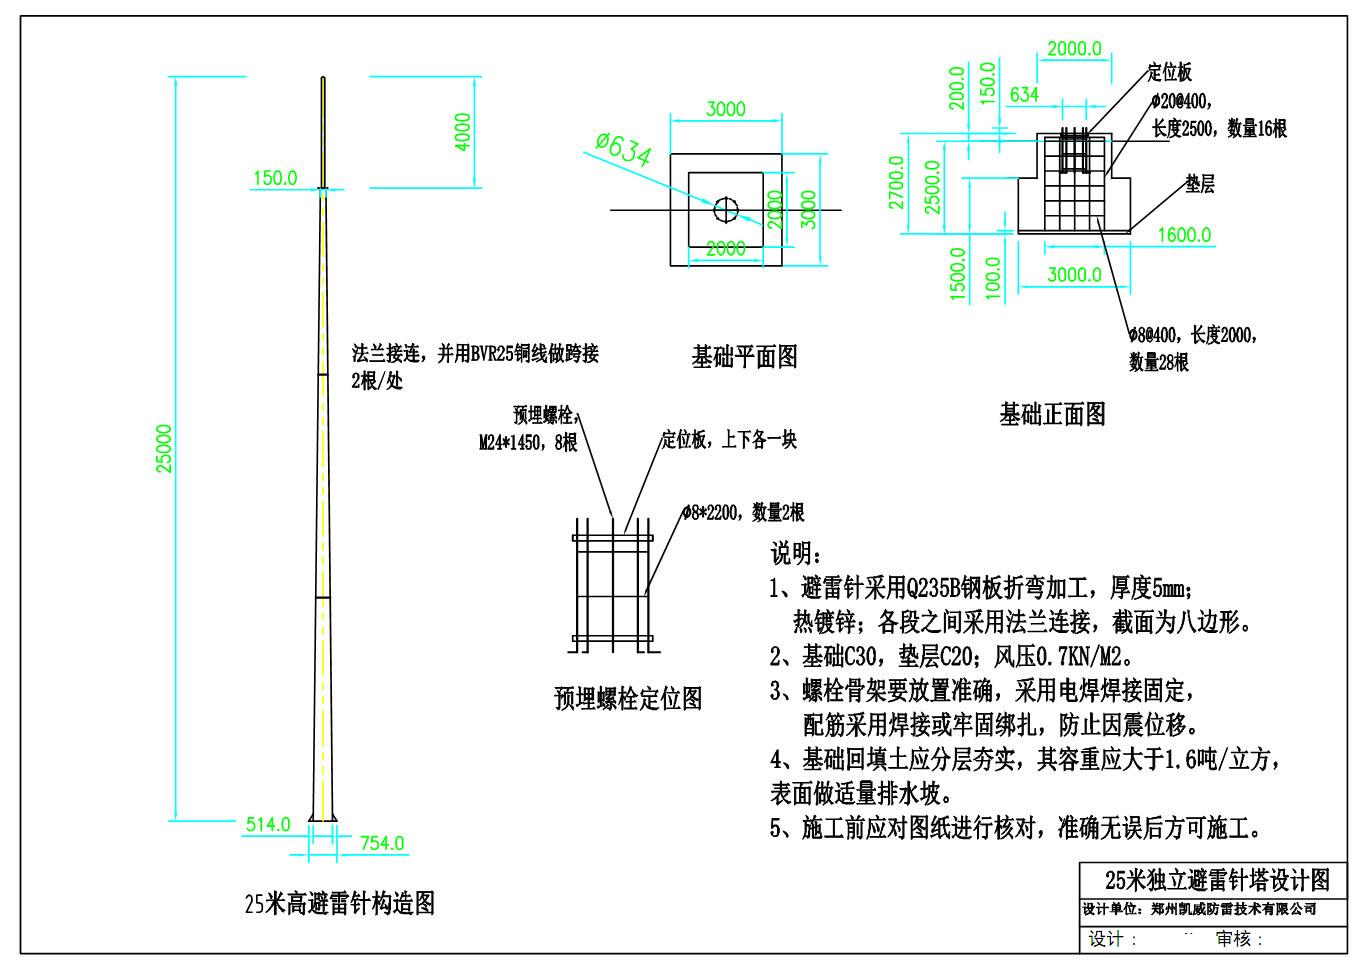 25米钢管避雷针设计图